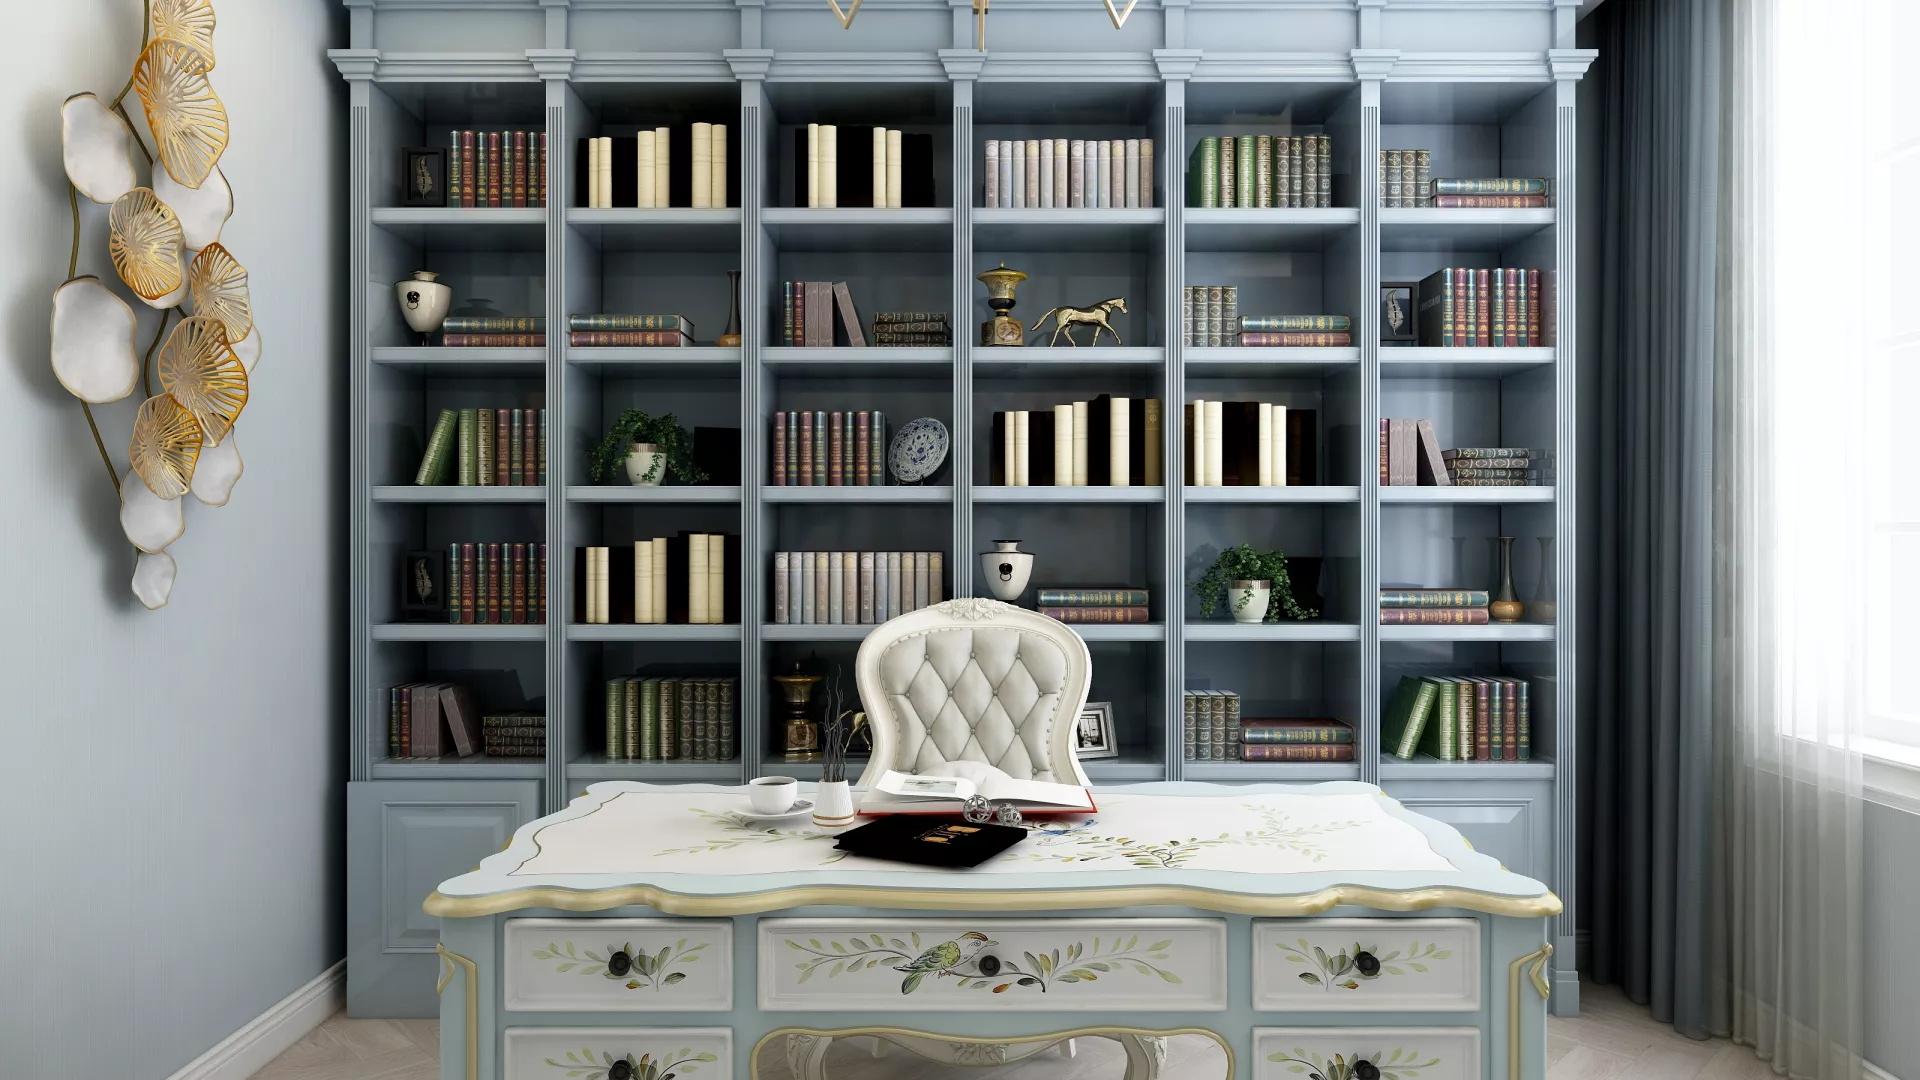 新中式風格客廳怎么裝修?新中式風格客廳裝修方法